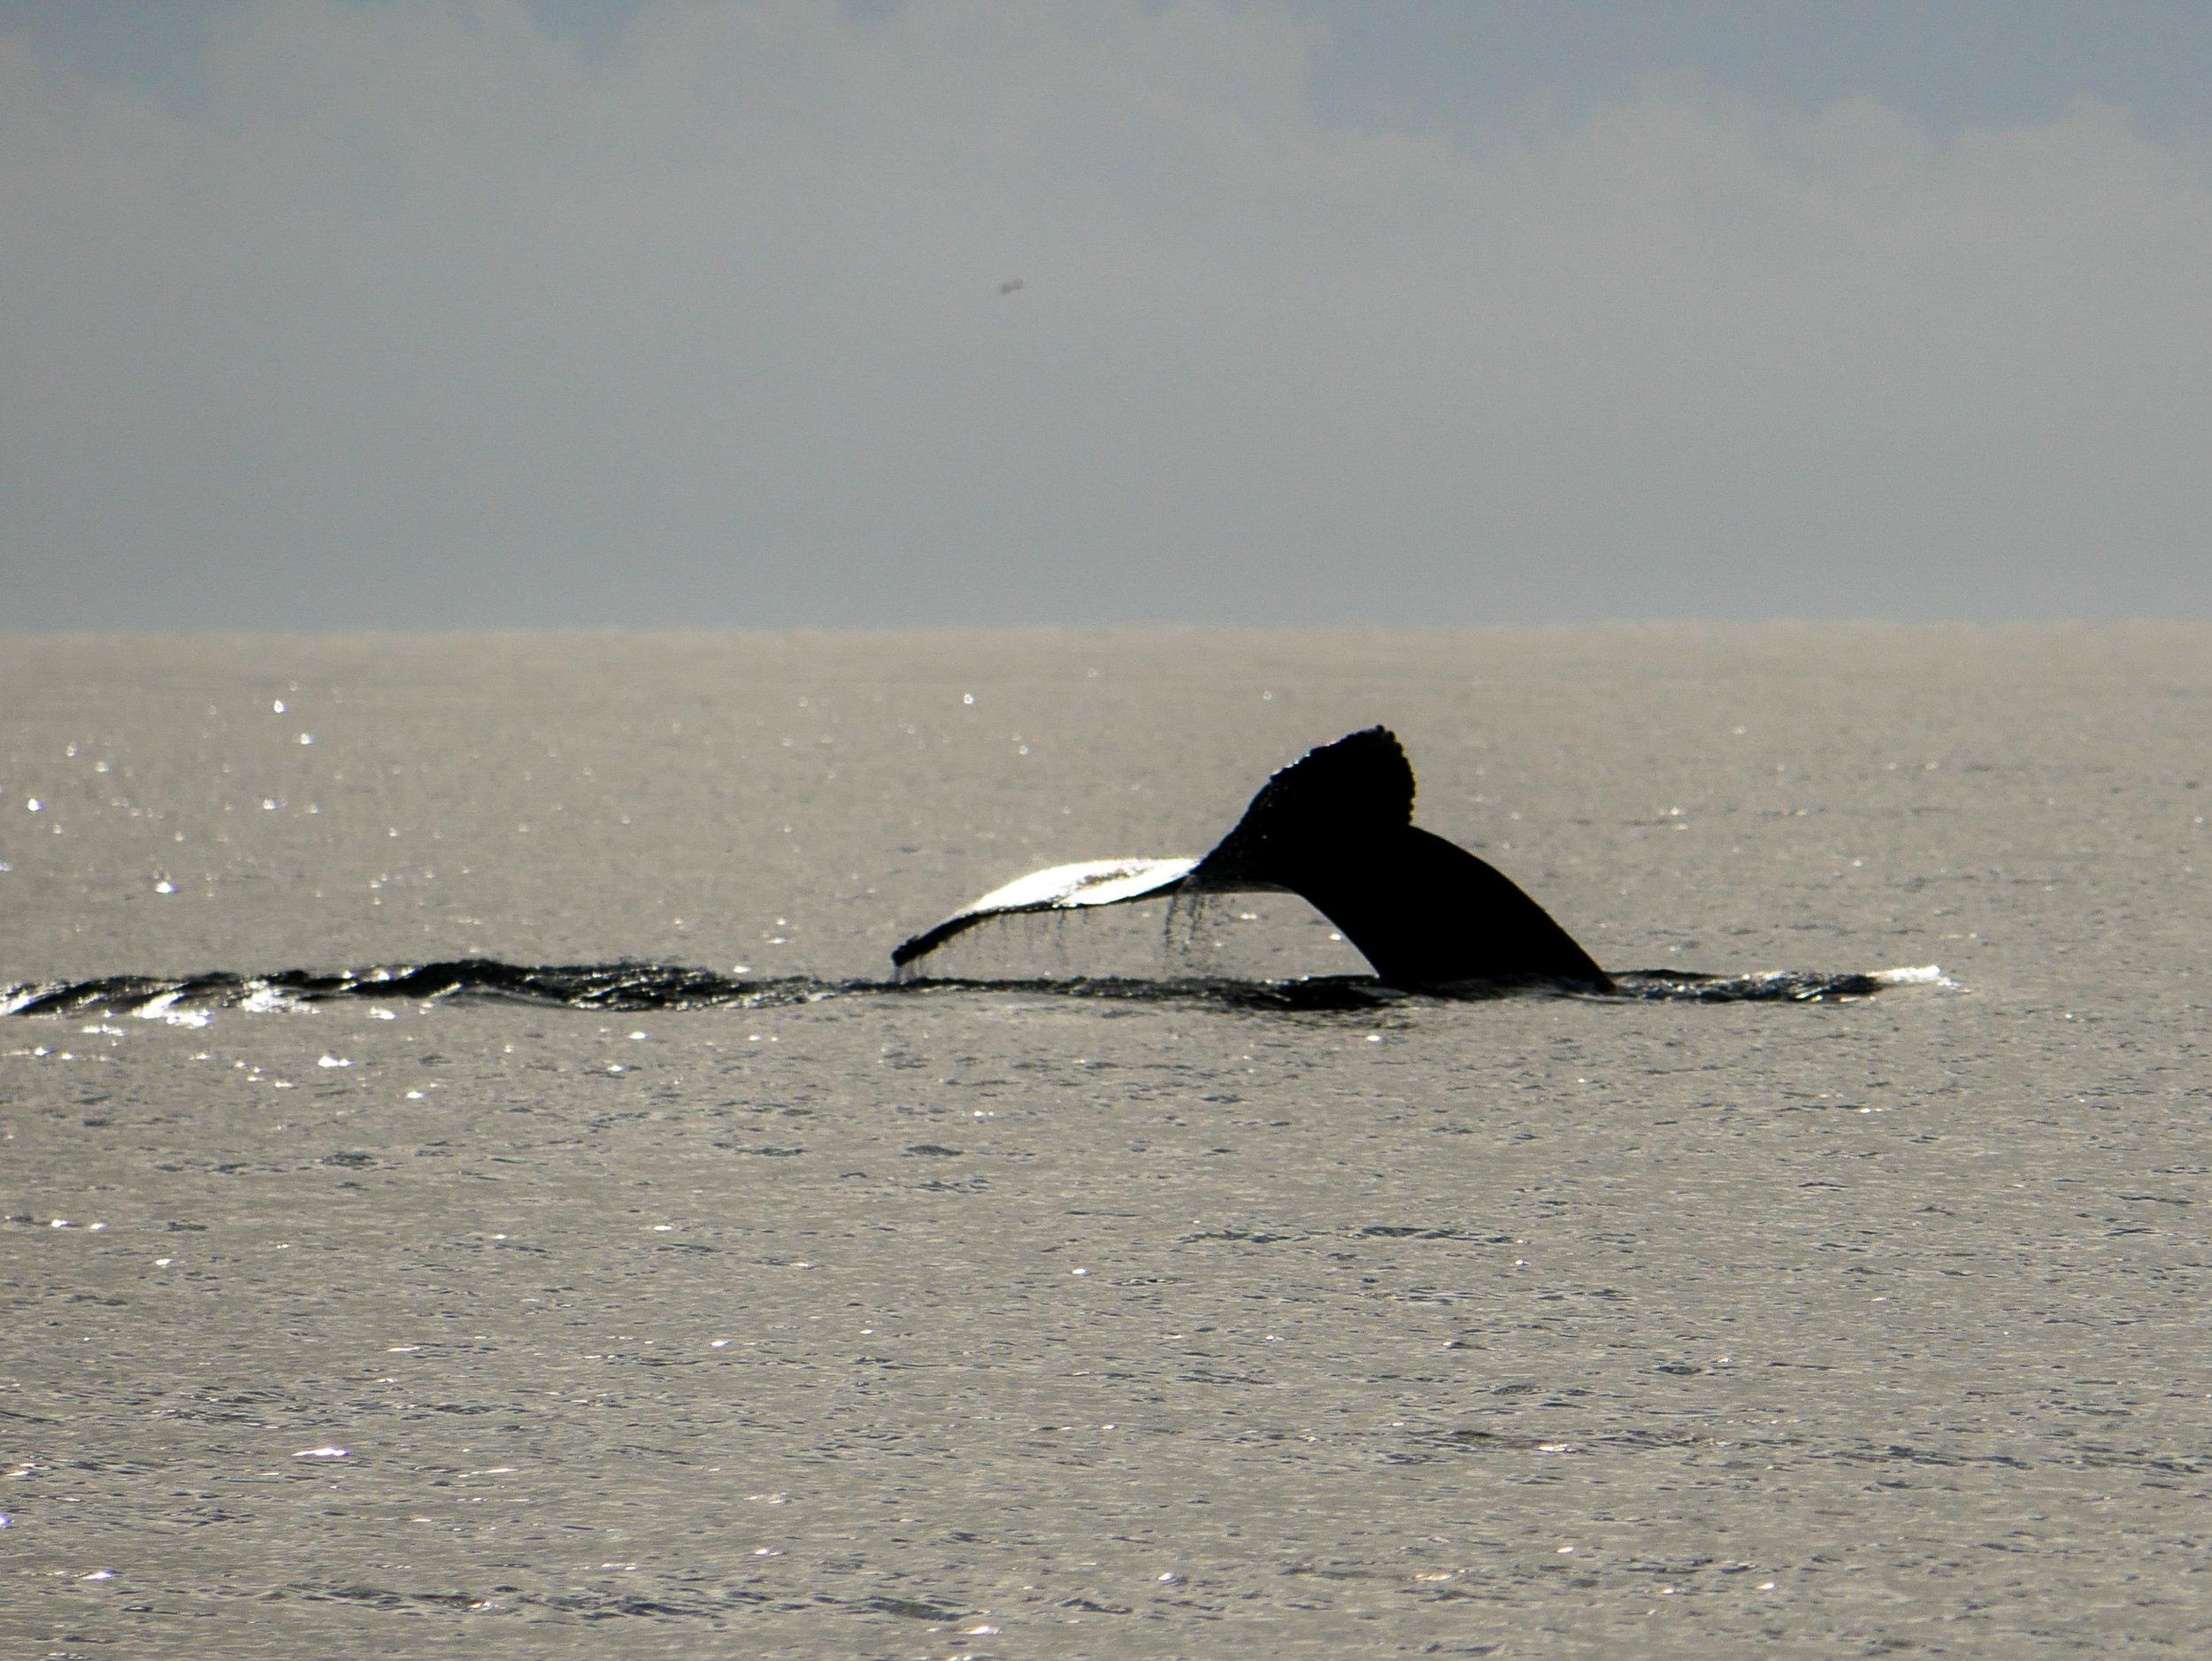 Neat angle during a humpback fluking. Photo by Rodrigo Menezes - 3:30 tour.